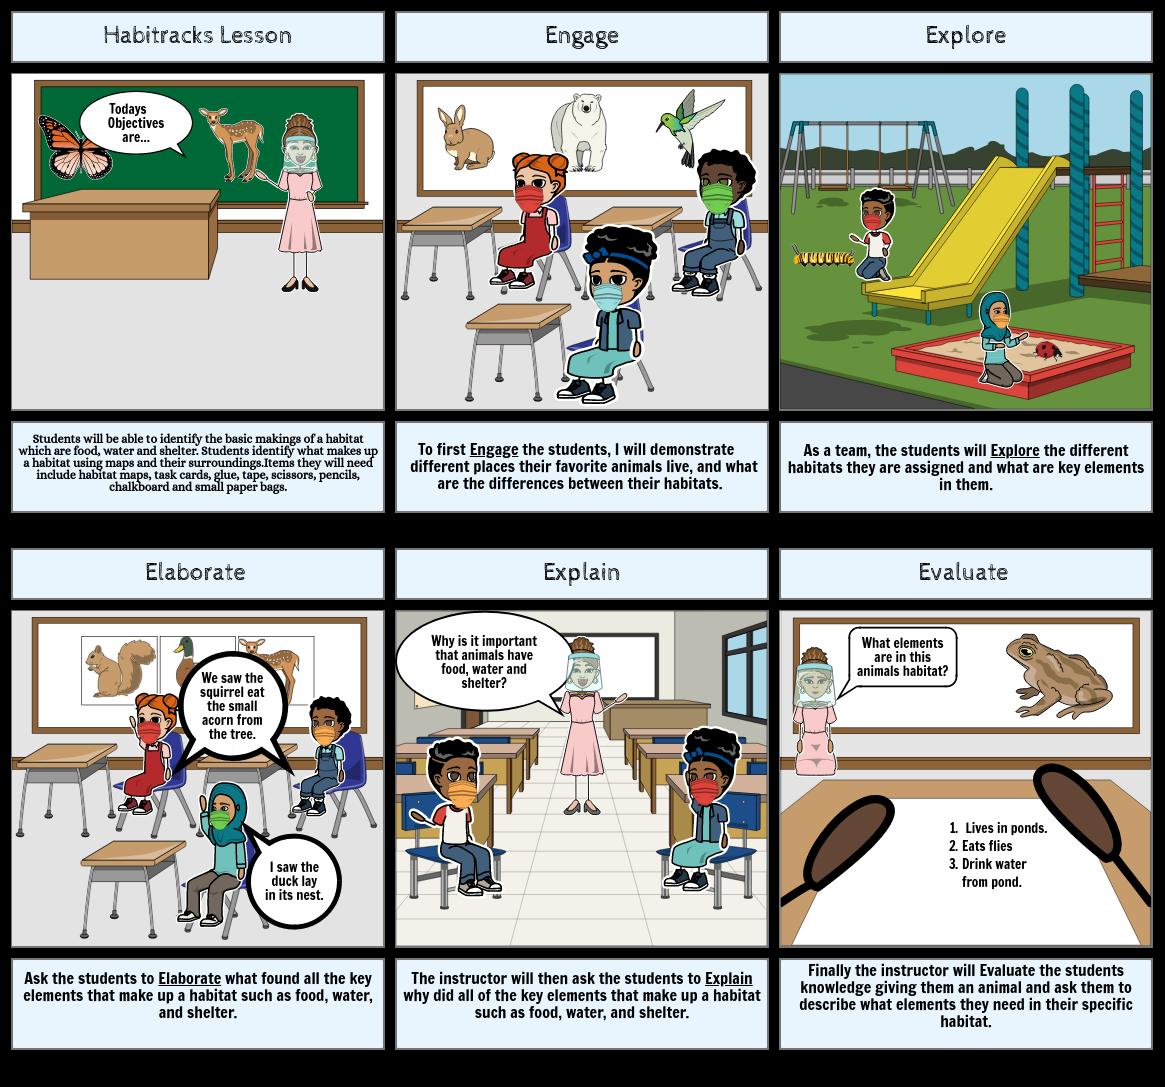 Habitracks Storyboard